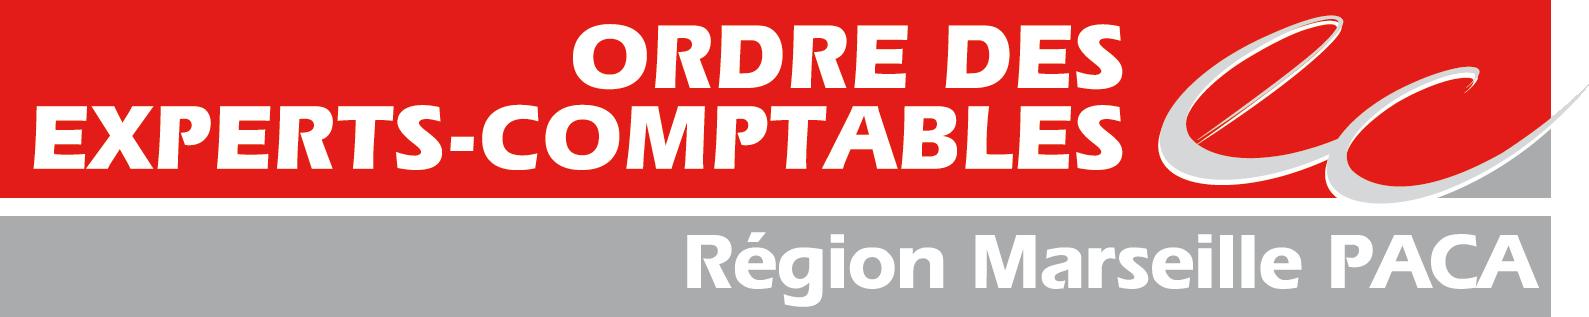 Ordre des Experts-Comptables Marseille PACA